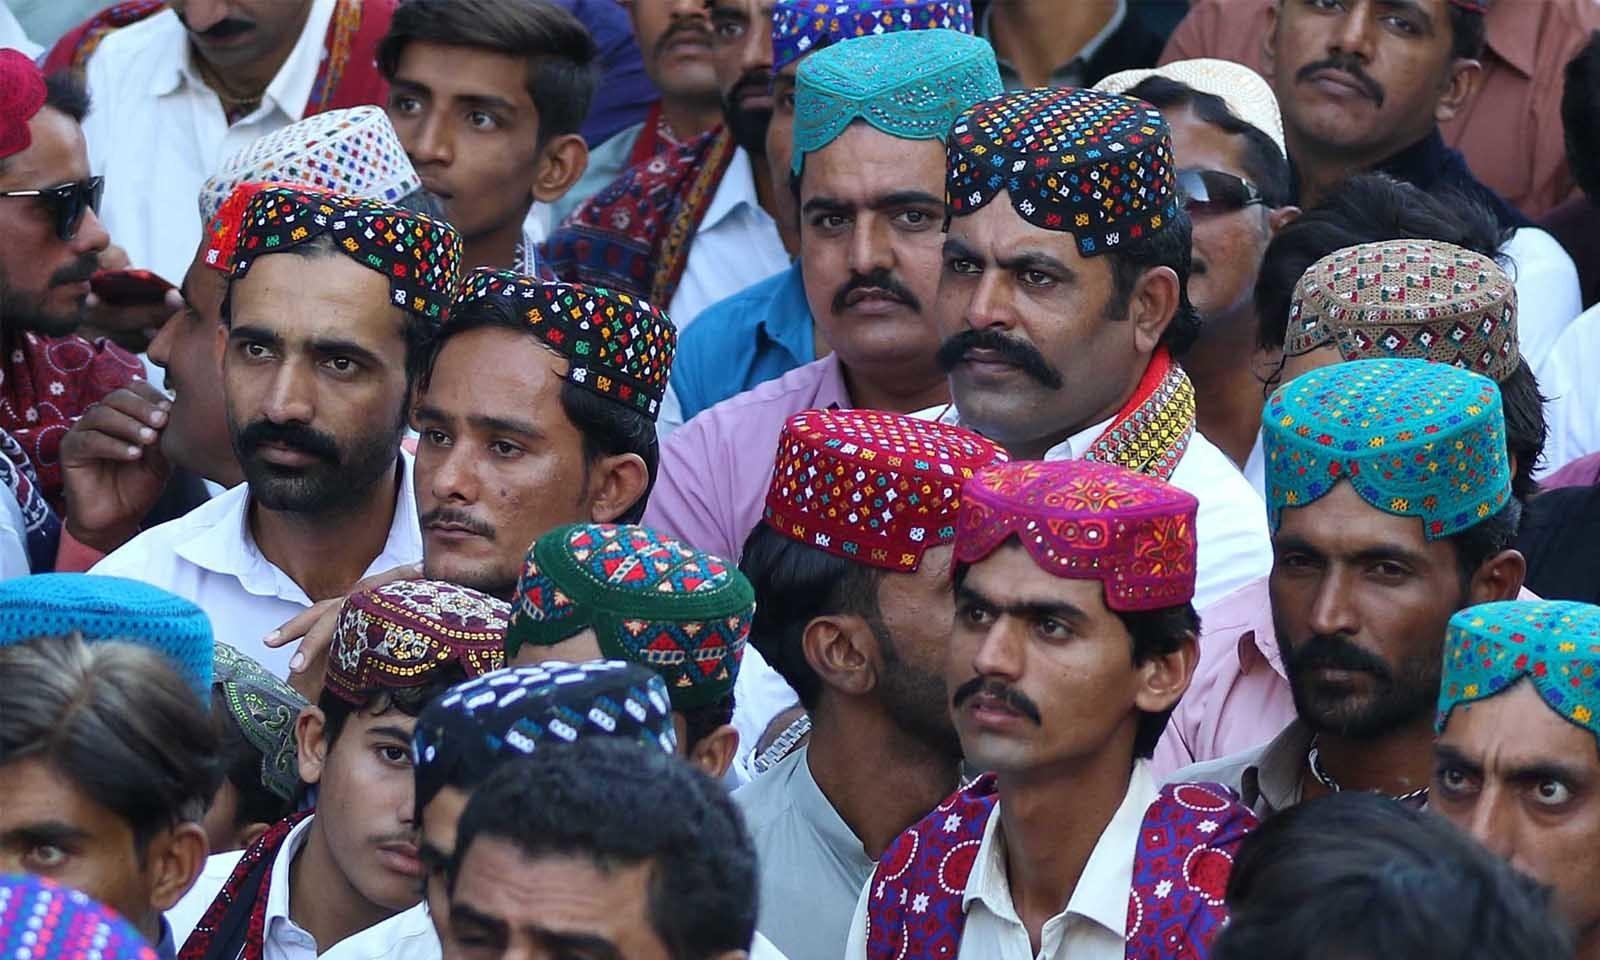 سندھی ثقافت کی ایک خوبصورت پہچان سندھی ٹوپی اوراجرک بھی ہے —فوٹو: وقاص علی